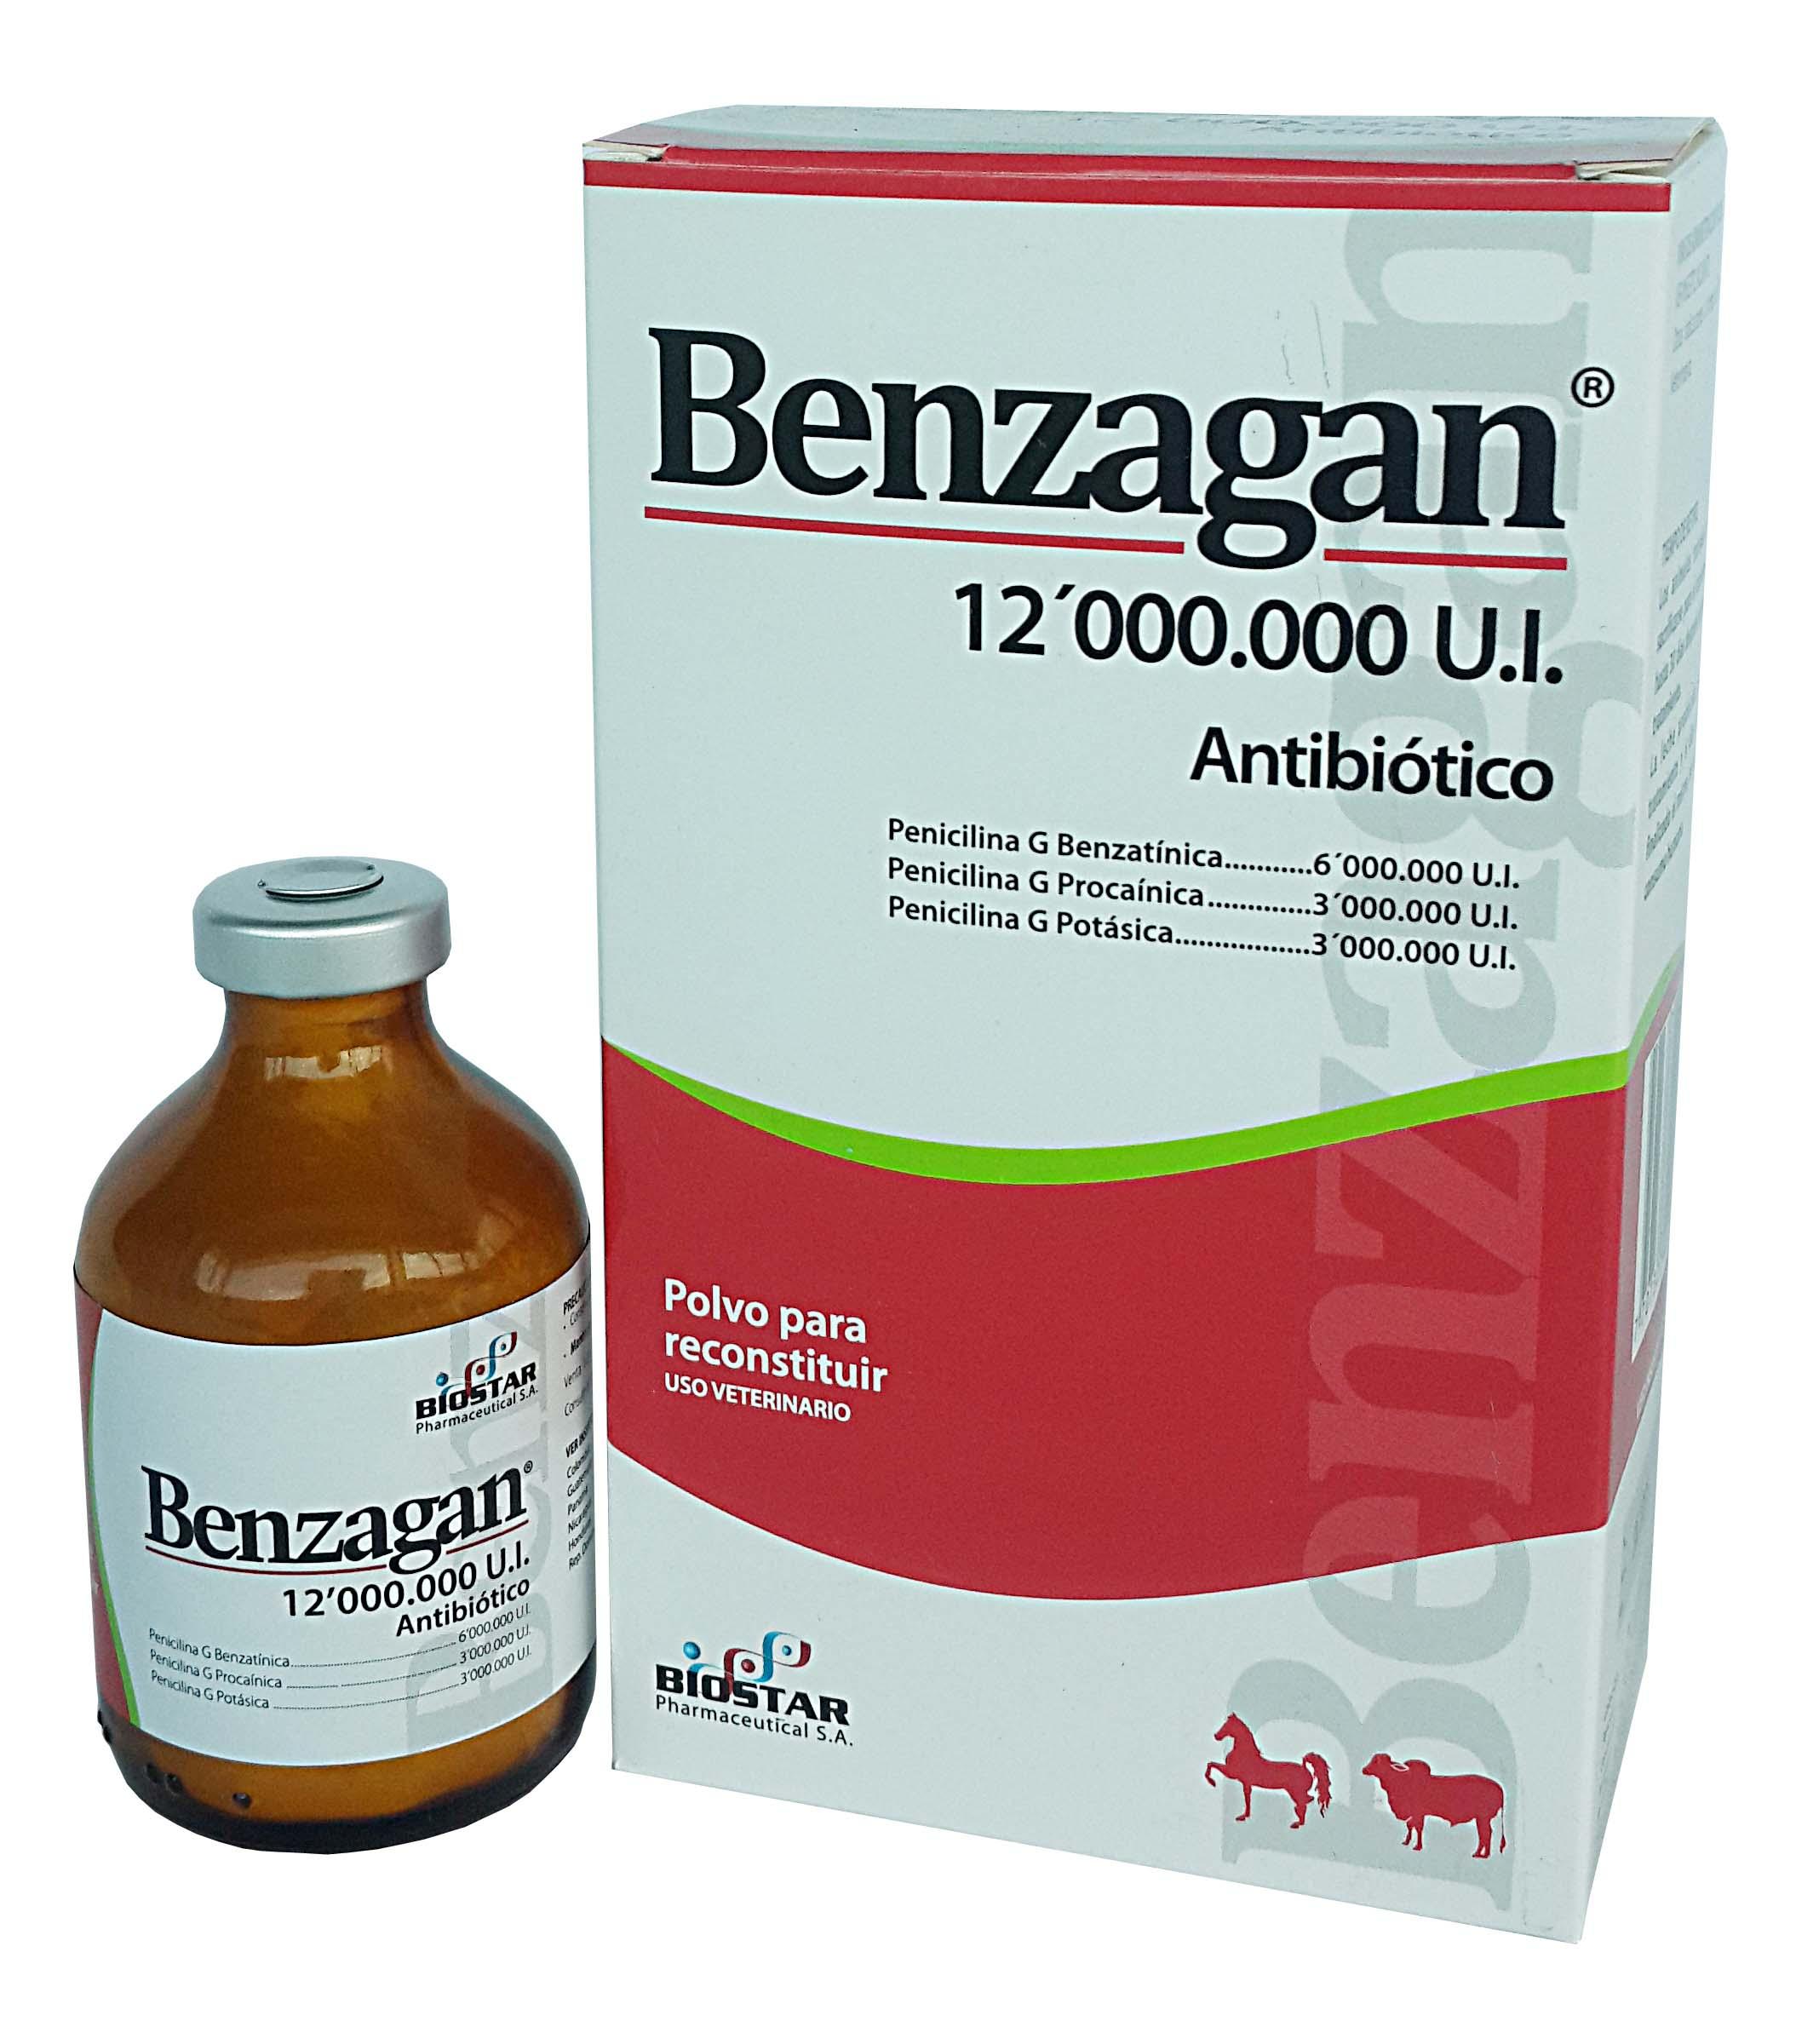 Benzagan